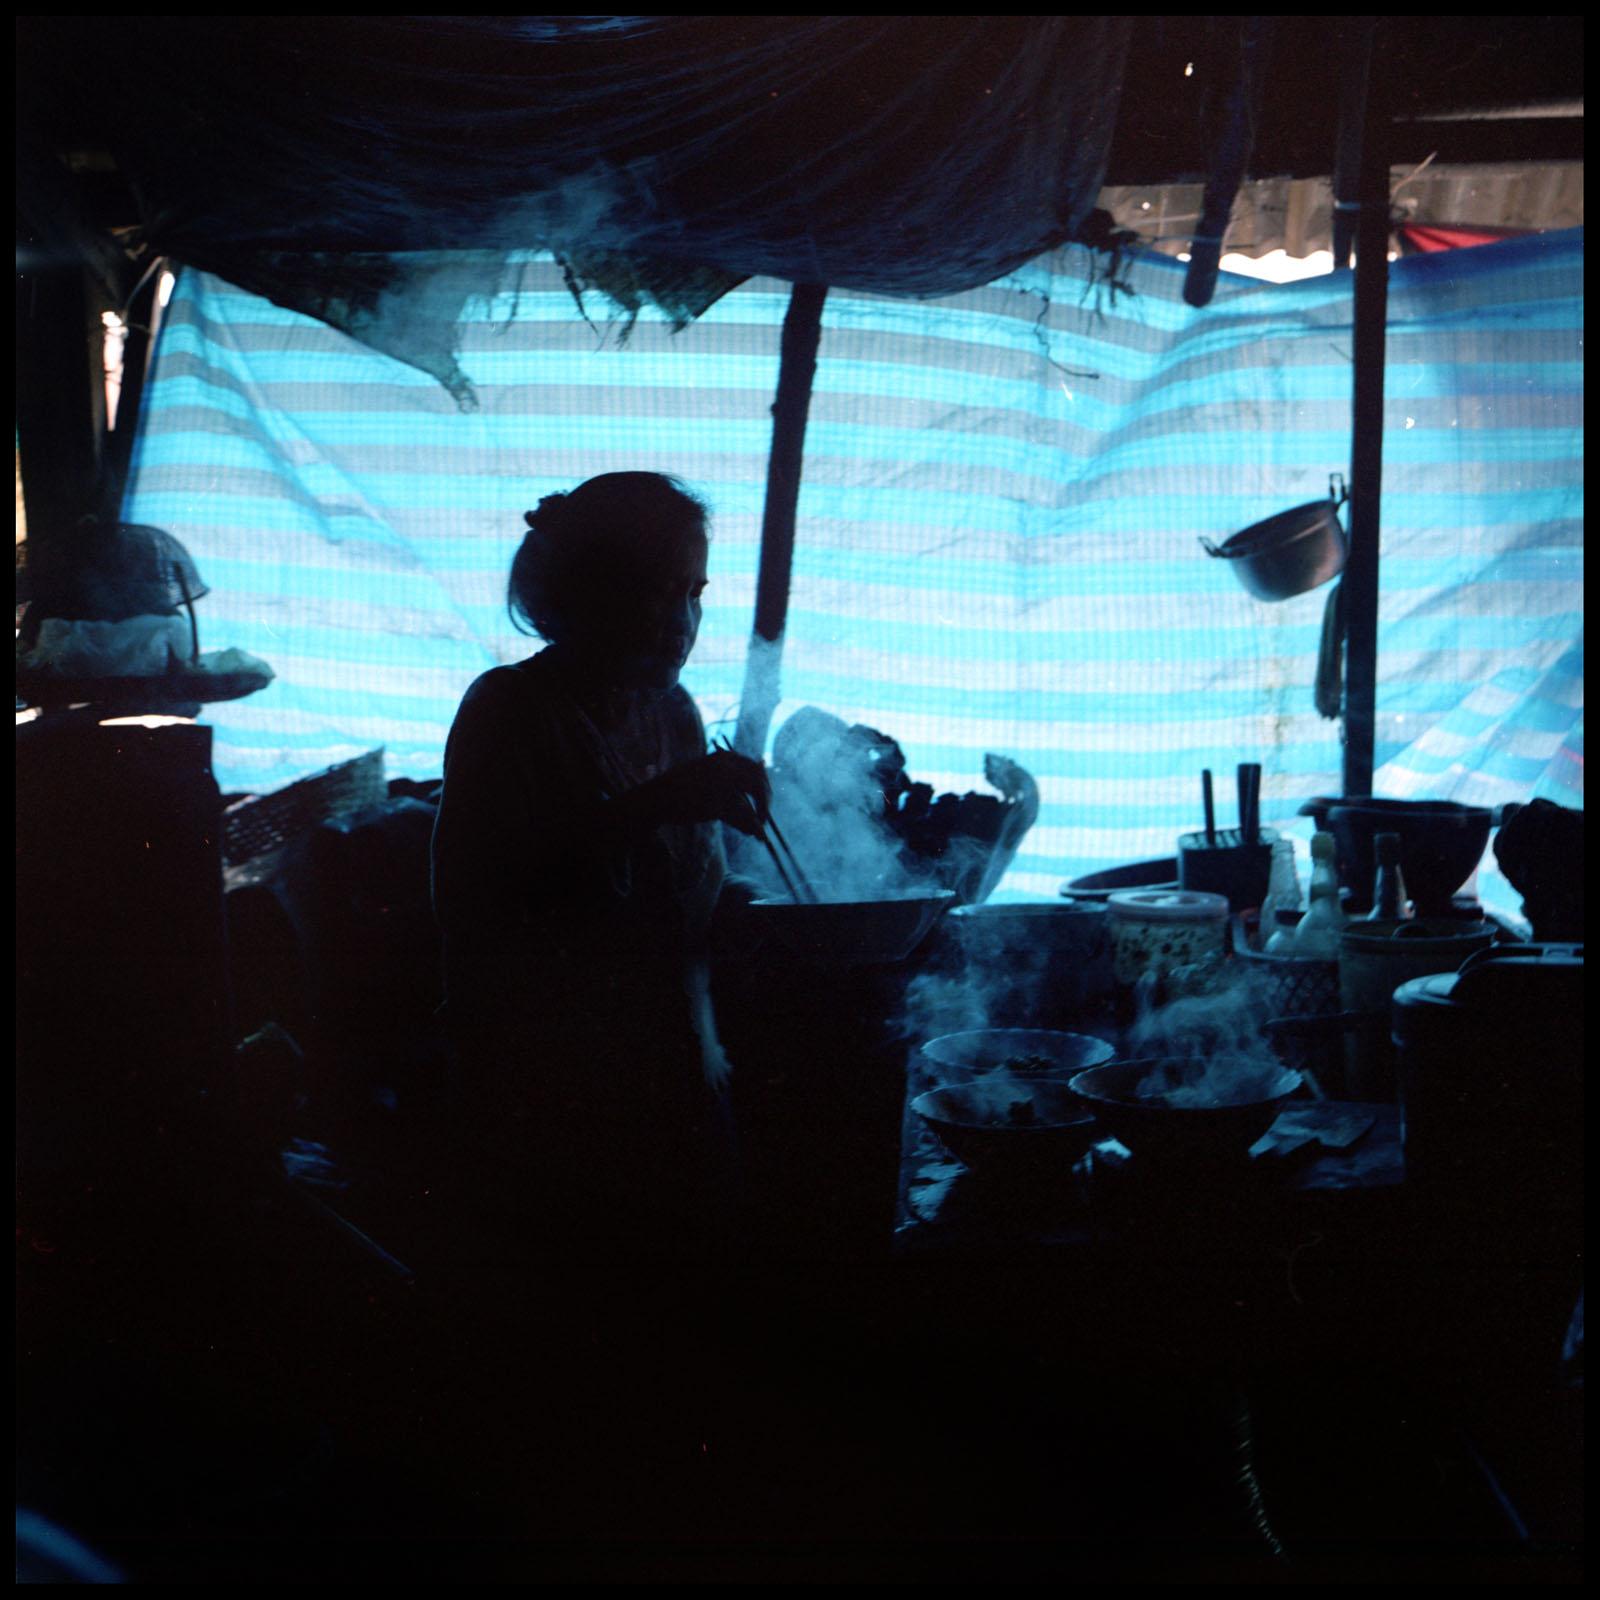 Laos, 2009